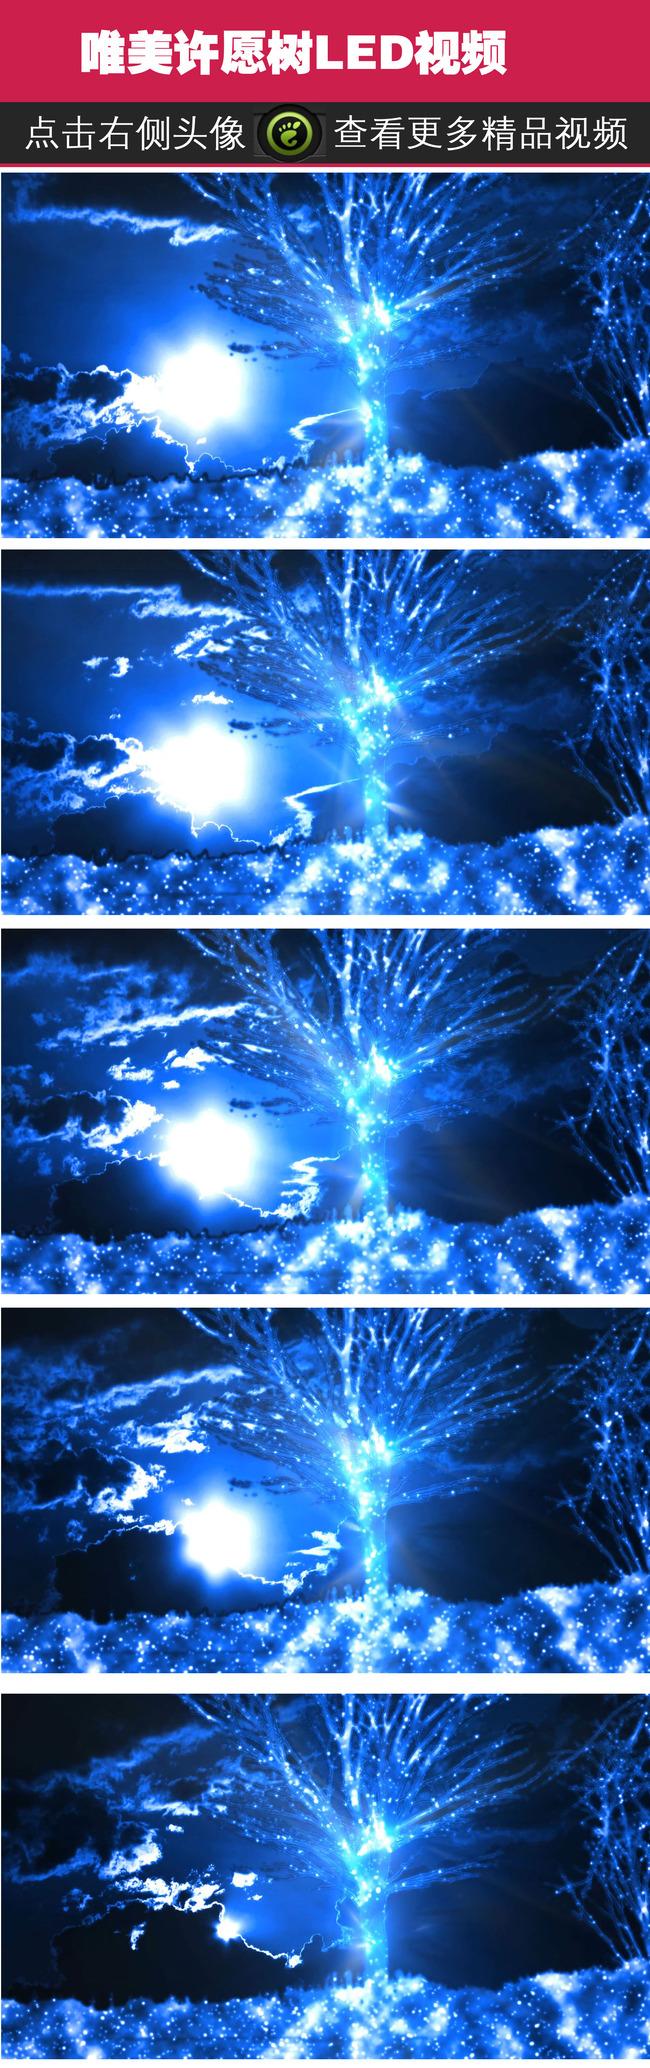 唯美荧光粒子光效许愿树浪漫led背景视频-led视频素材